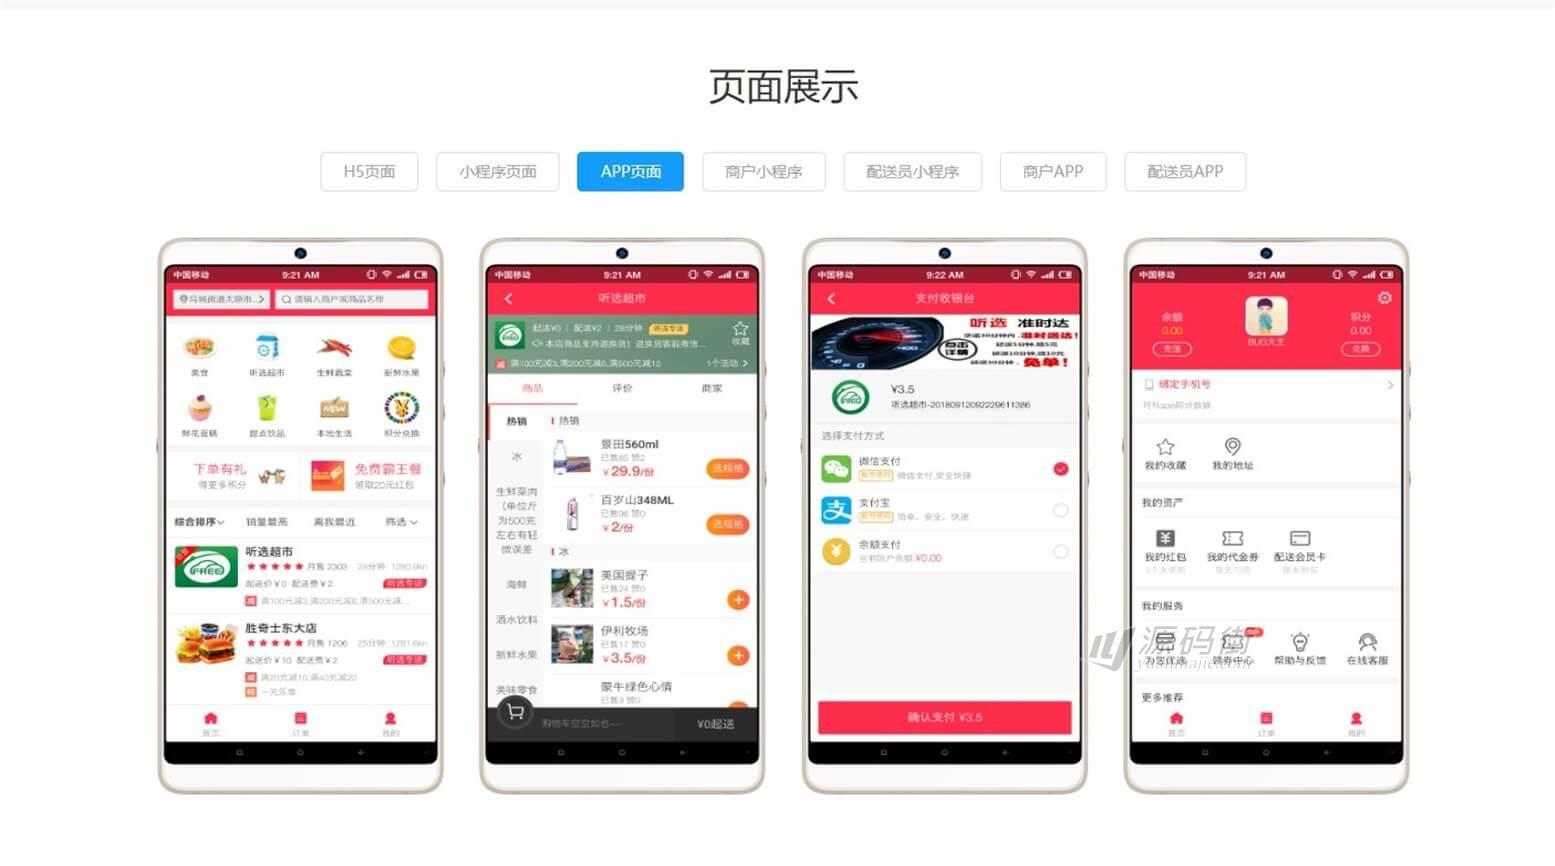 啦啦外卖餐饮跑腿小程序v 30.5.0完整版+多端前端+App+全插件-7